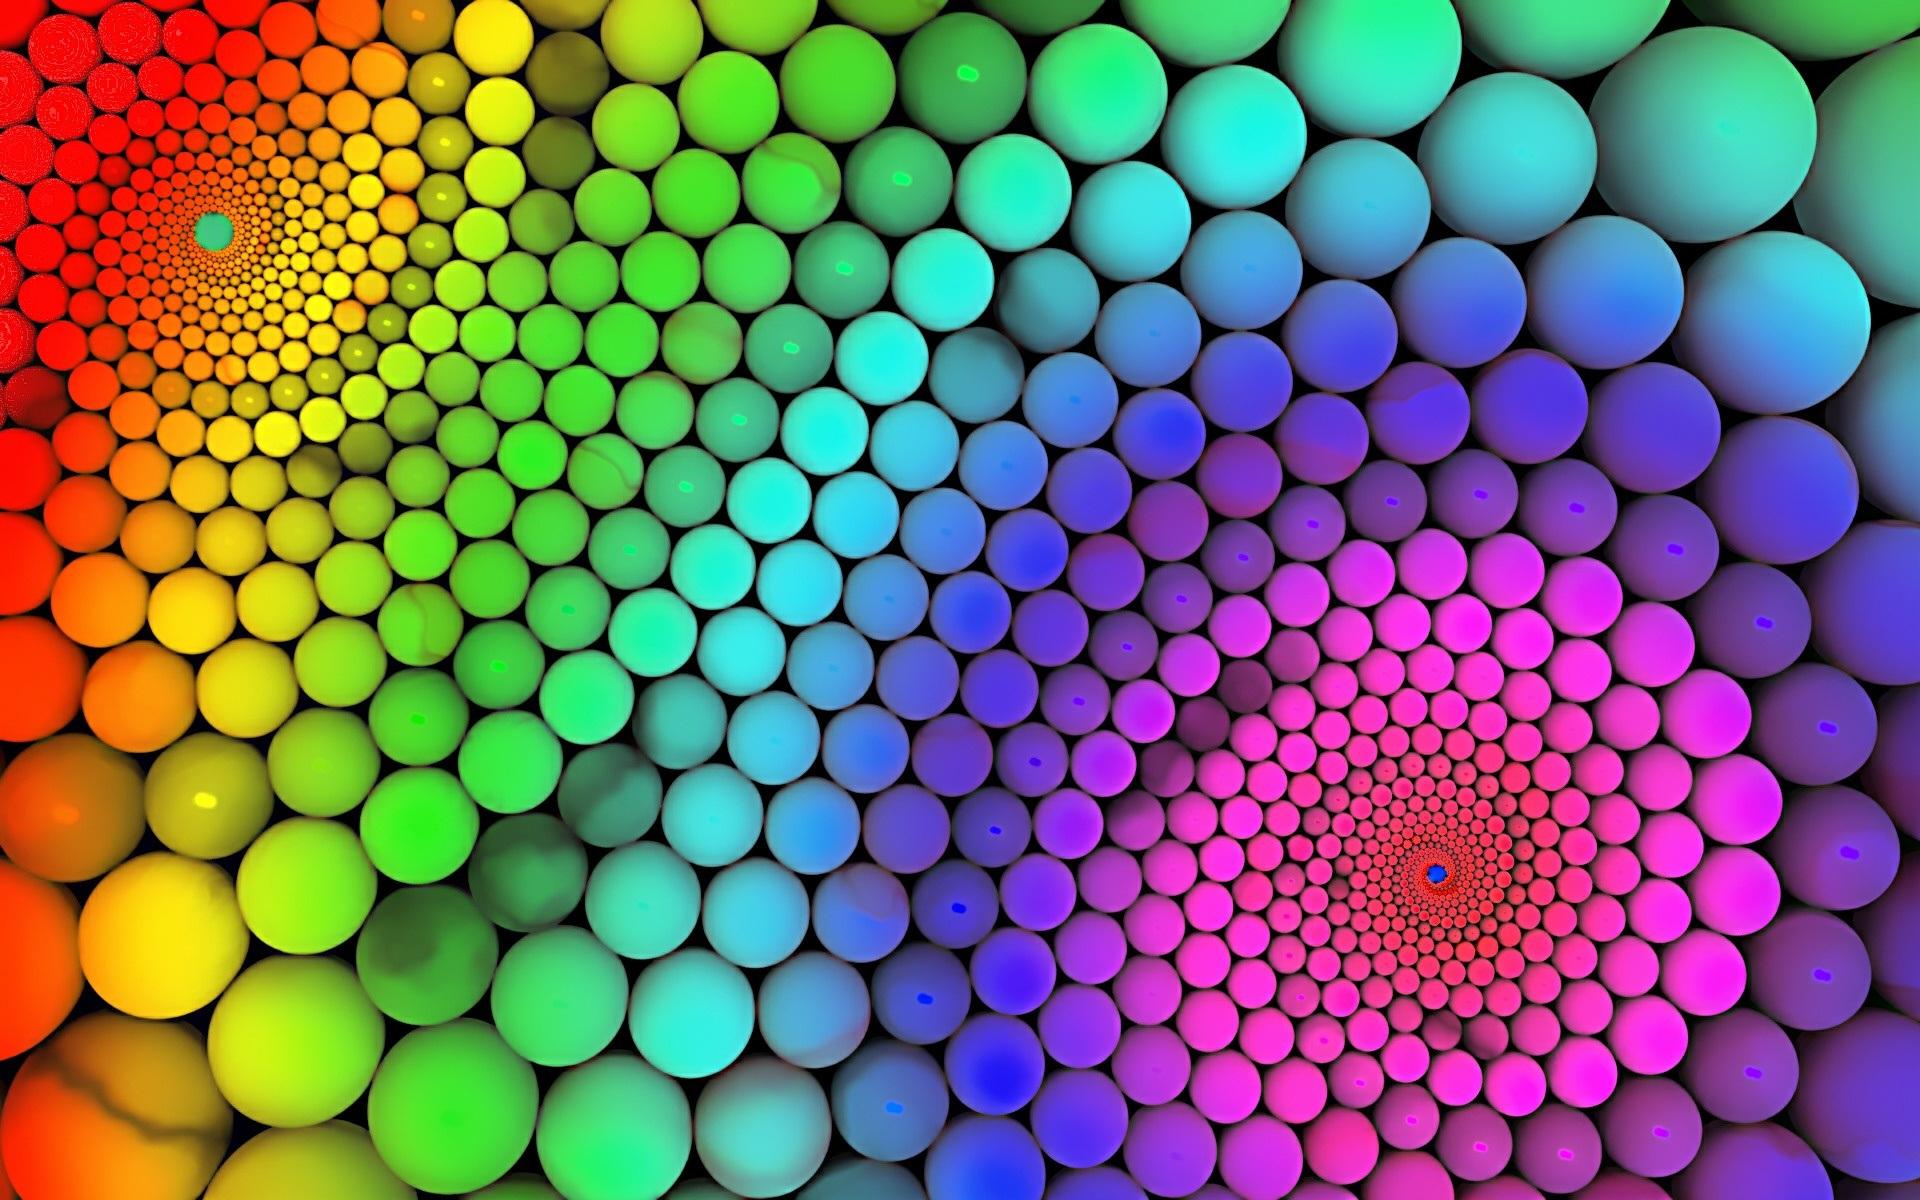 ボールの虹の色 壁紙 - 1920x1200   ボールの虹の色 壁紙